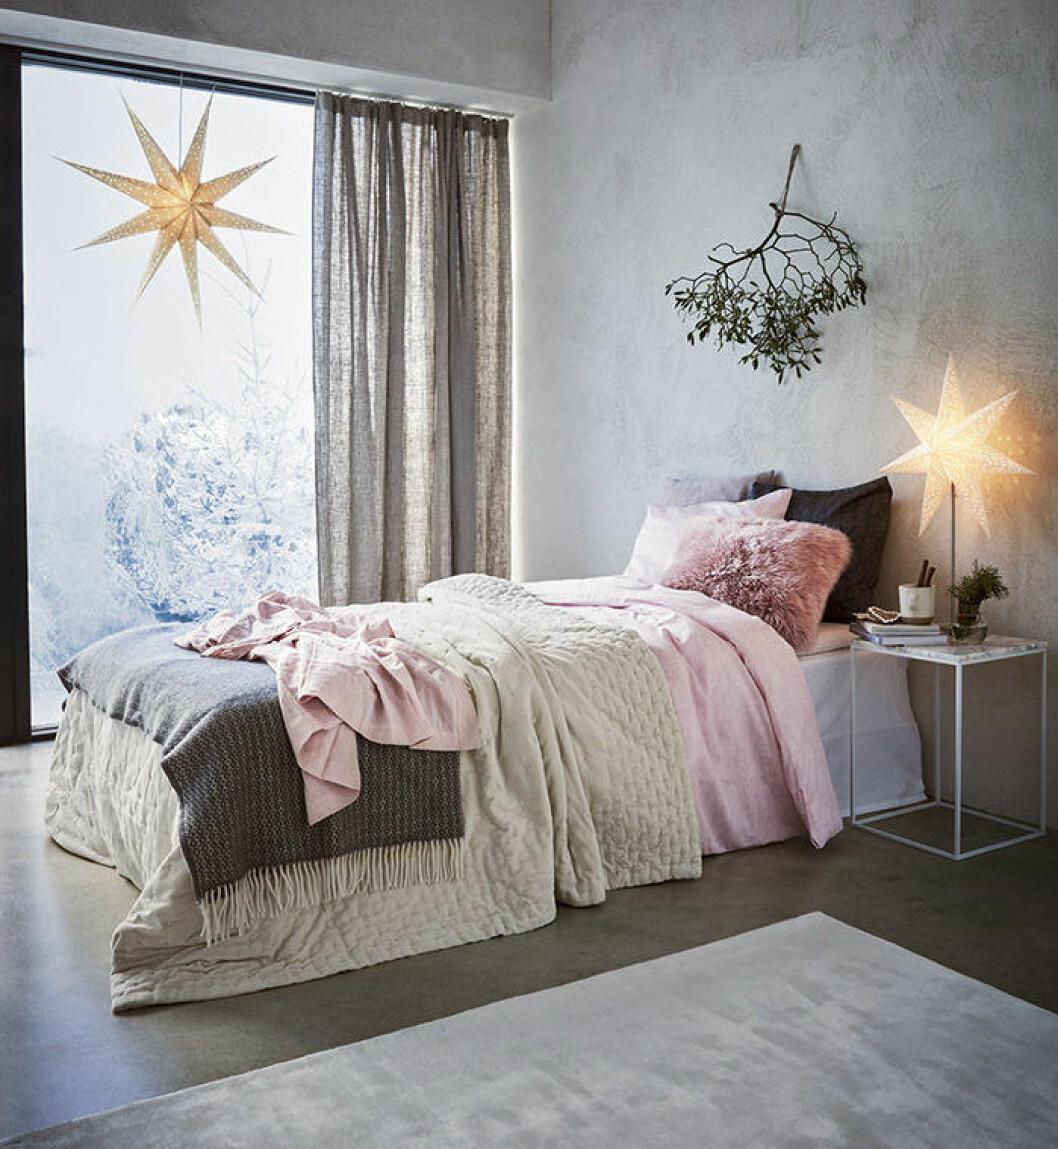 Sovrum med julstjärnor och vacker bäddning i rosa toner.